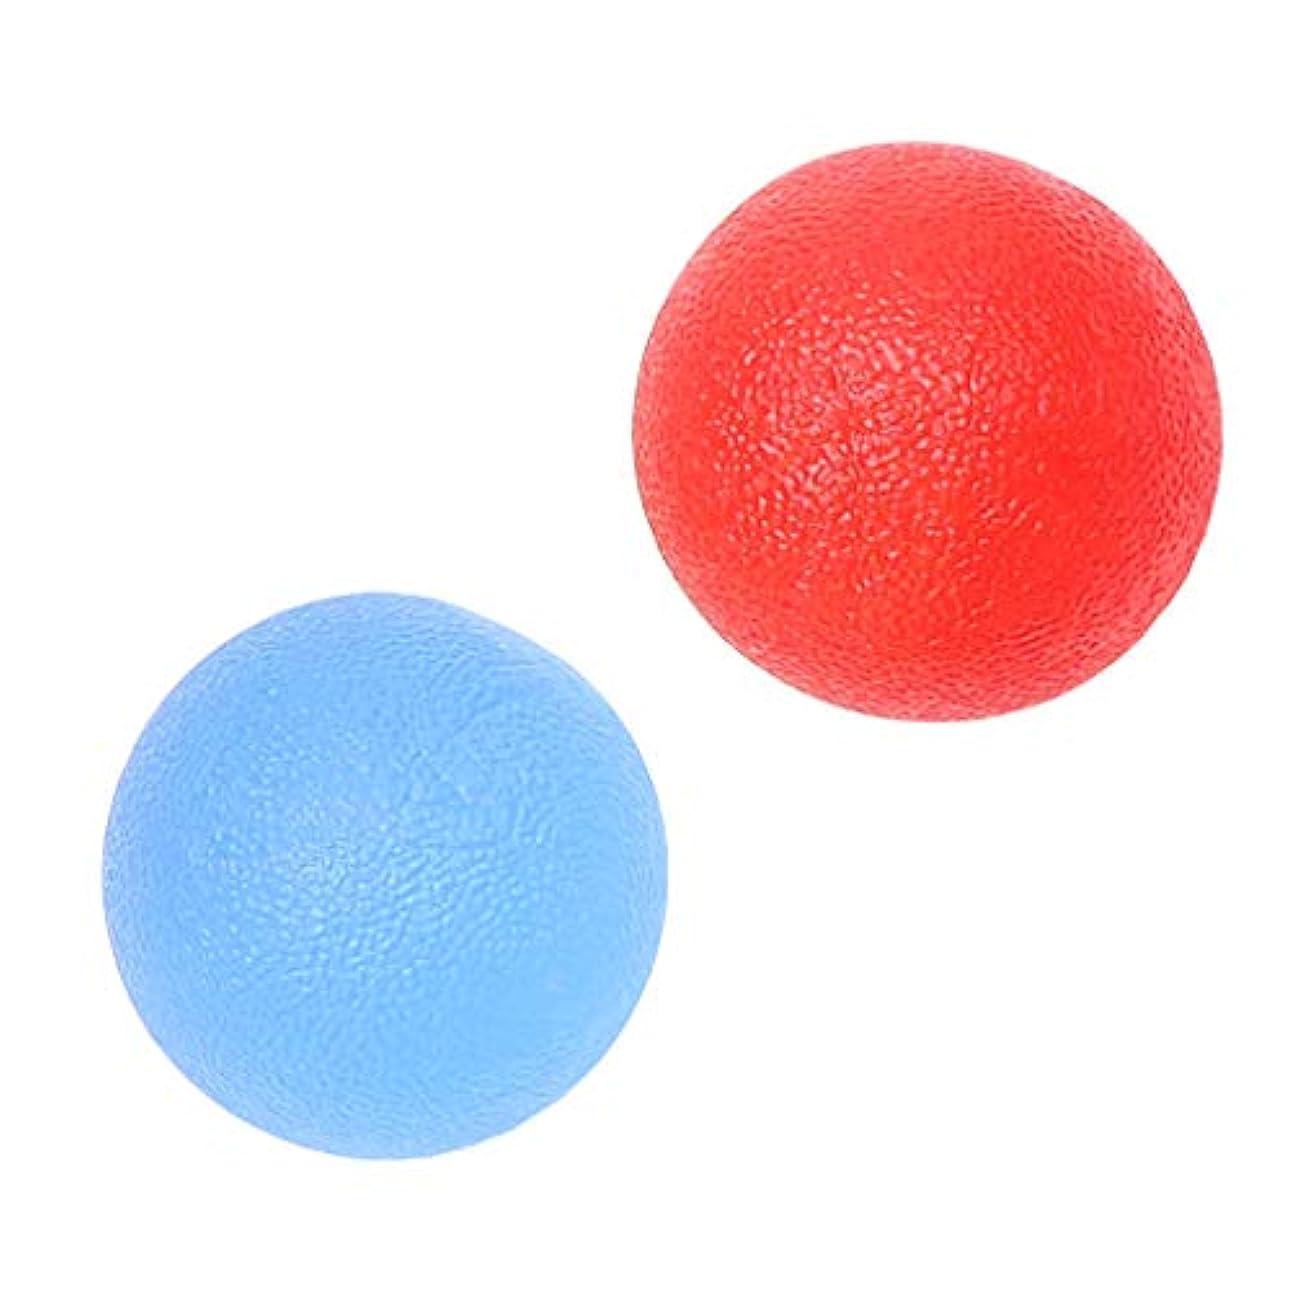 仮装作者雄弁家CUTICATE 2個 ハンドエクササイズボール ハンドグリップ シリコン 指トレーニング ストレス緩和 減圧 赤/青